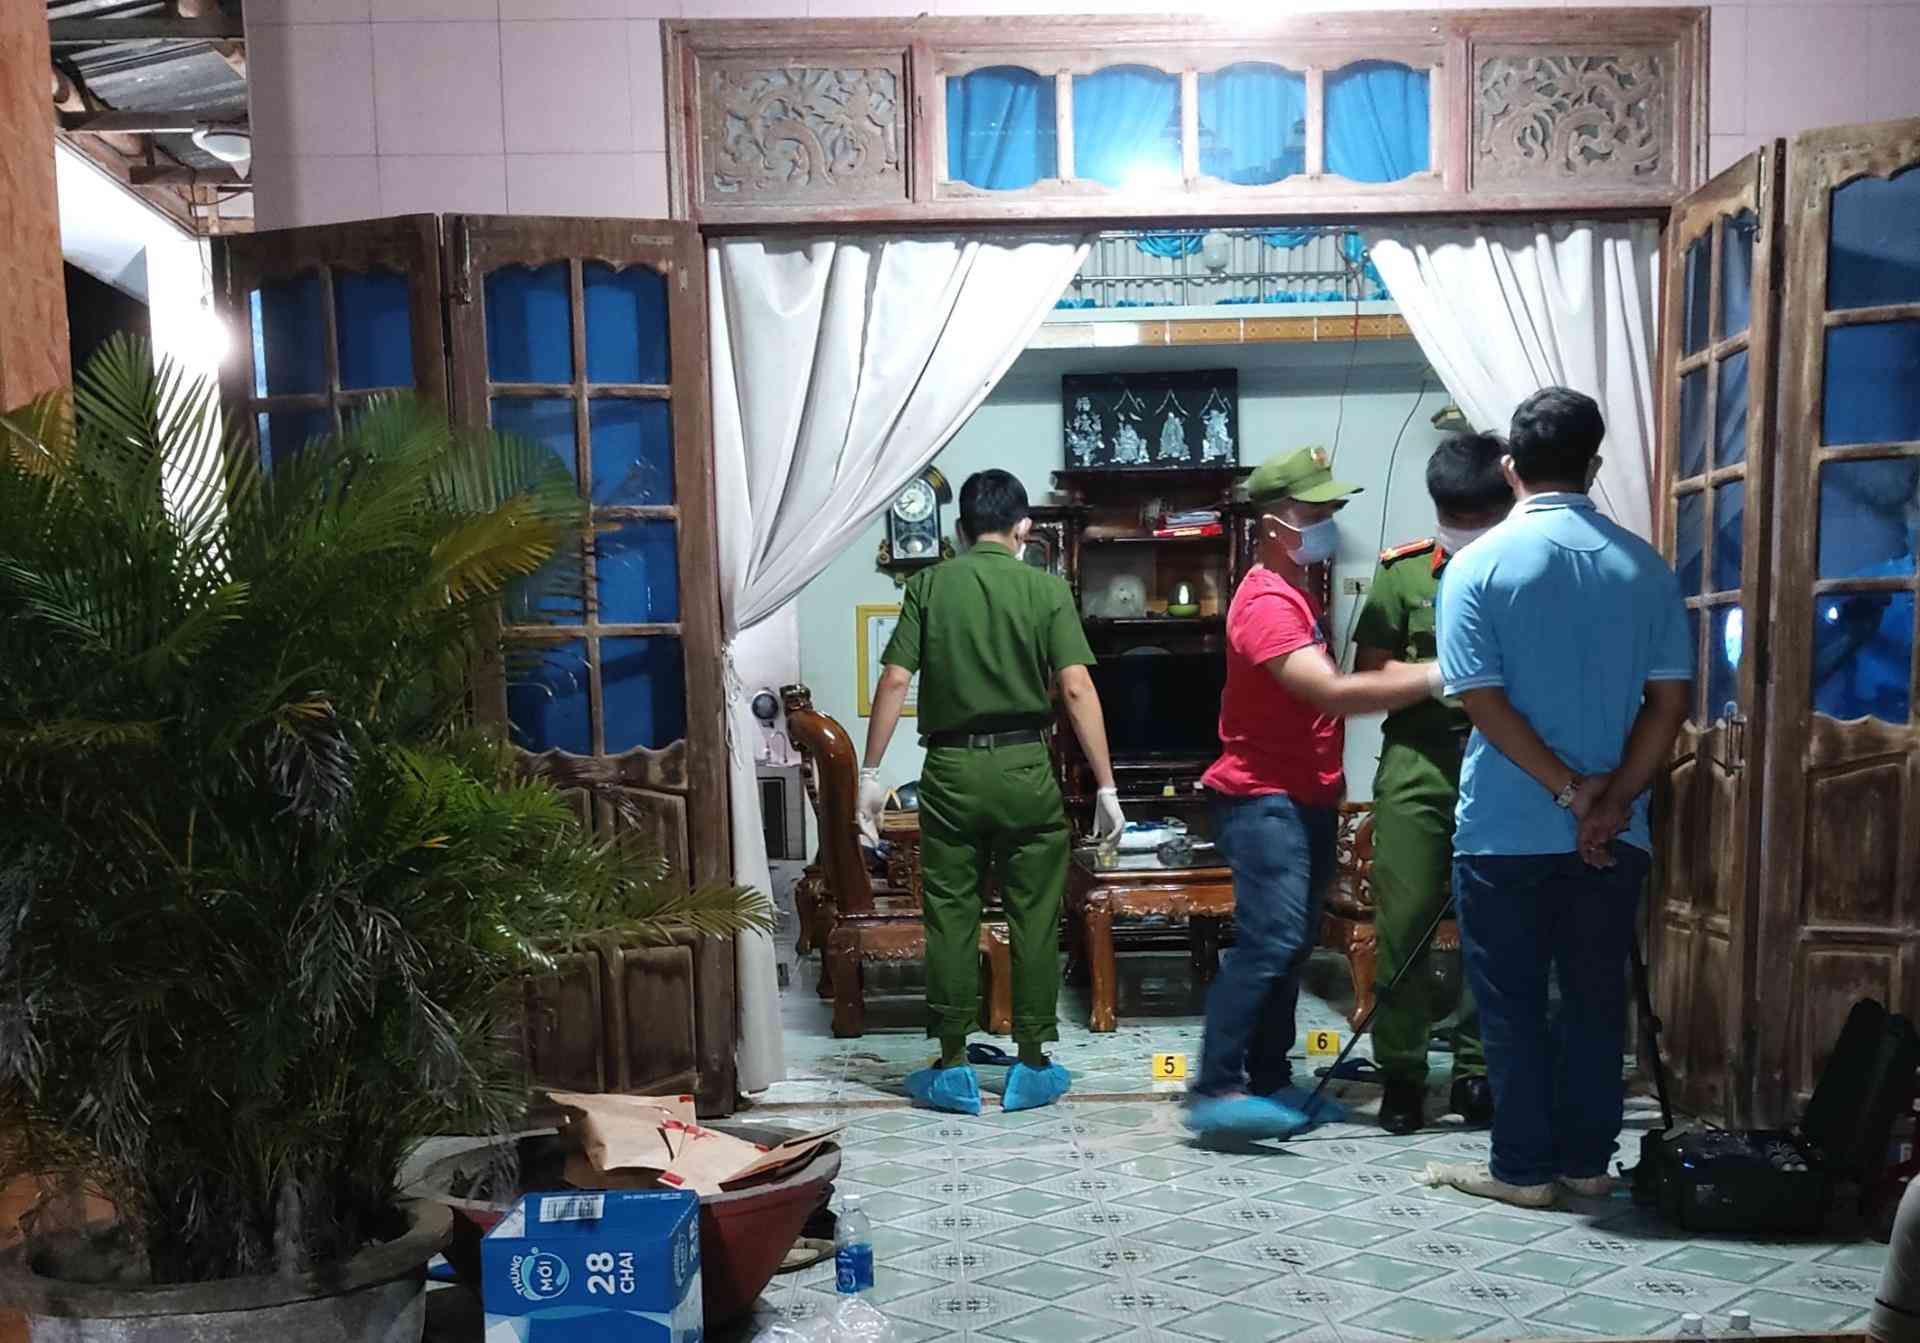 Tin tức 24h: Bất ngờ danh tính kẻ lạ mặt xông vào nhà sát hại hiệu trưởng ở Quảng Nam - 1